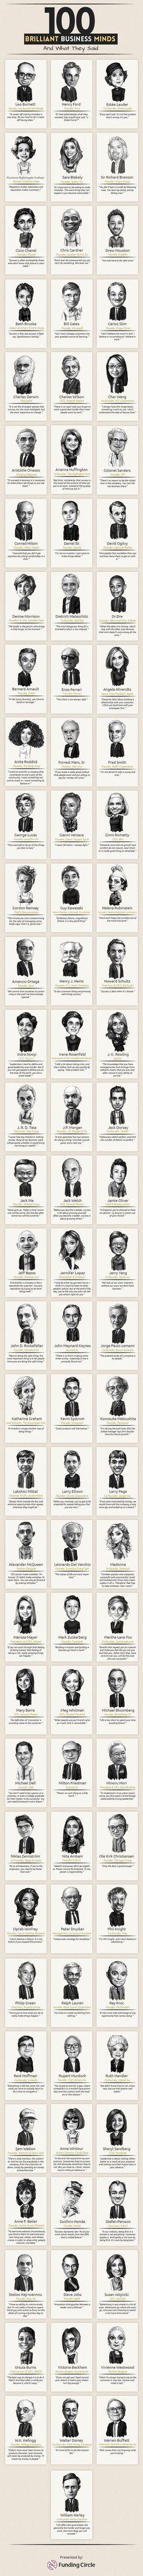 Los grandes emprendedores, que lograron el éxito, son una fuente de inspiración y estímulo para los nuevos emprendedores. Conoce sus mejores frases.